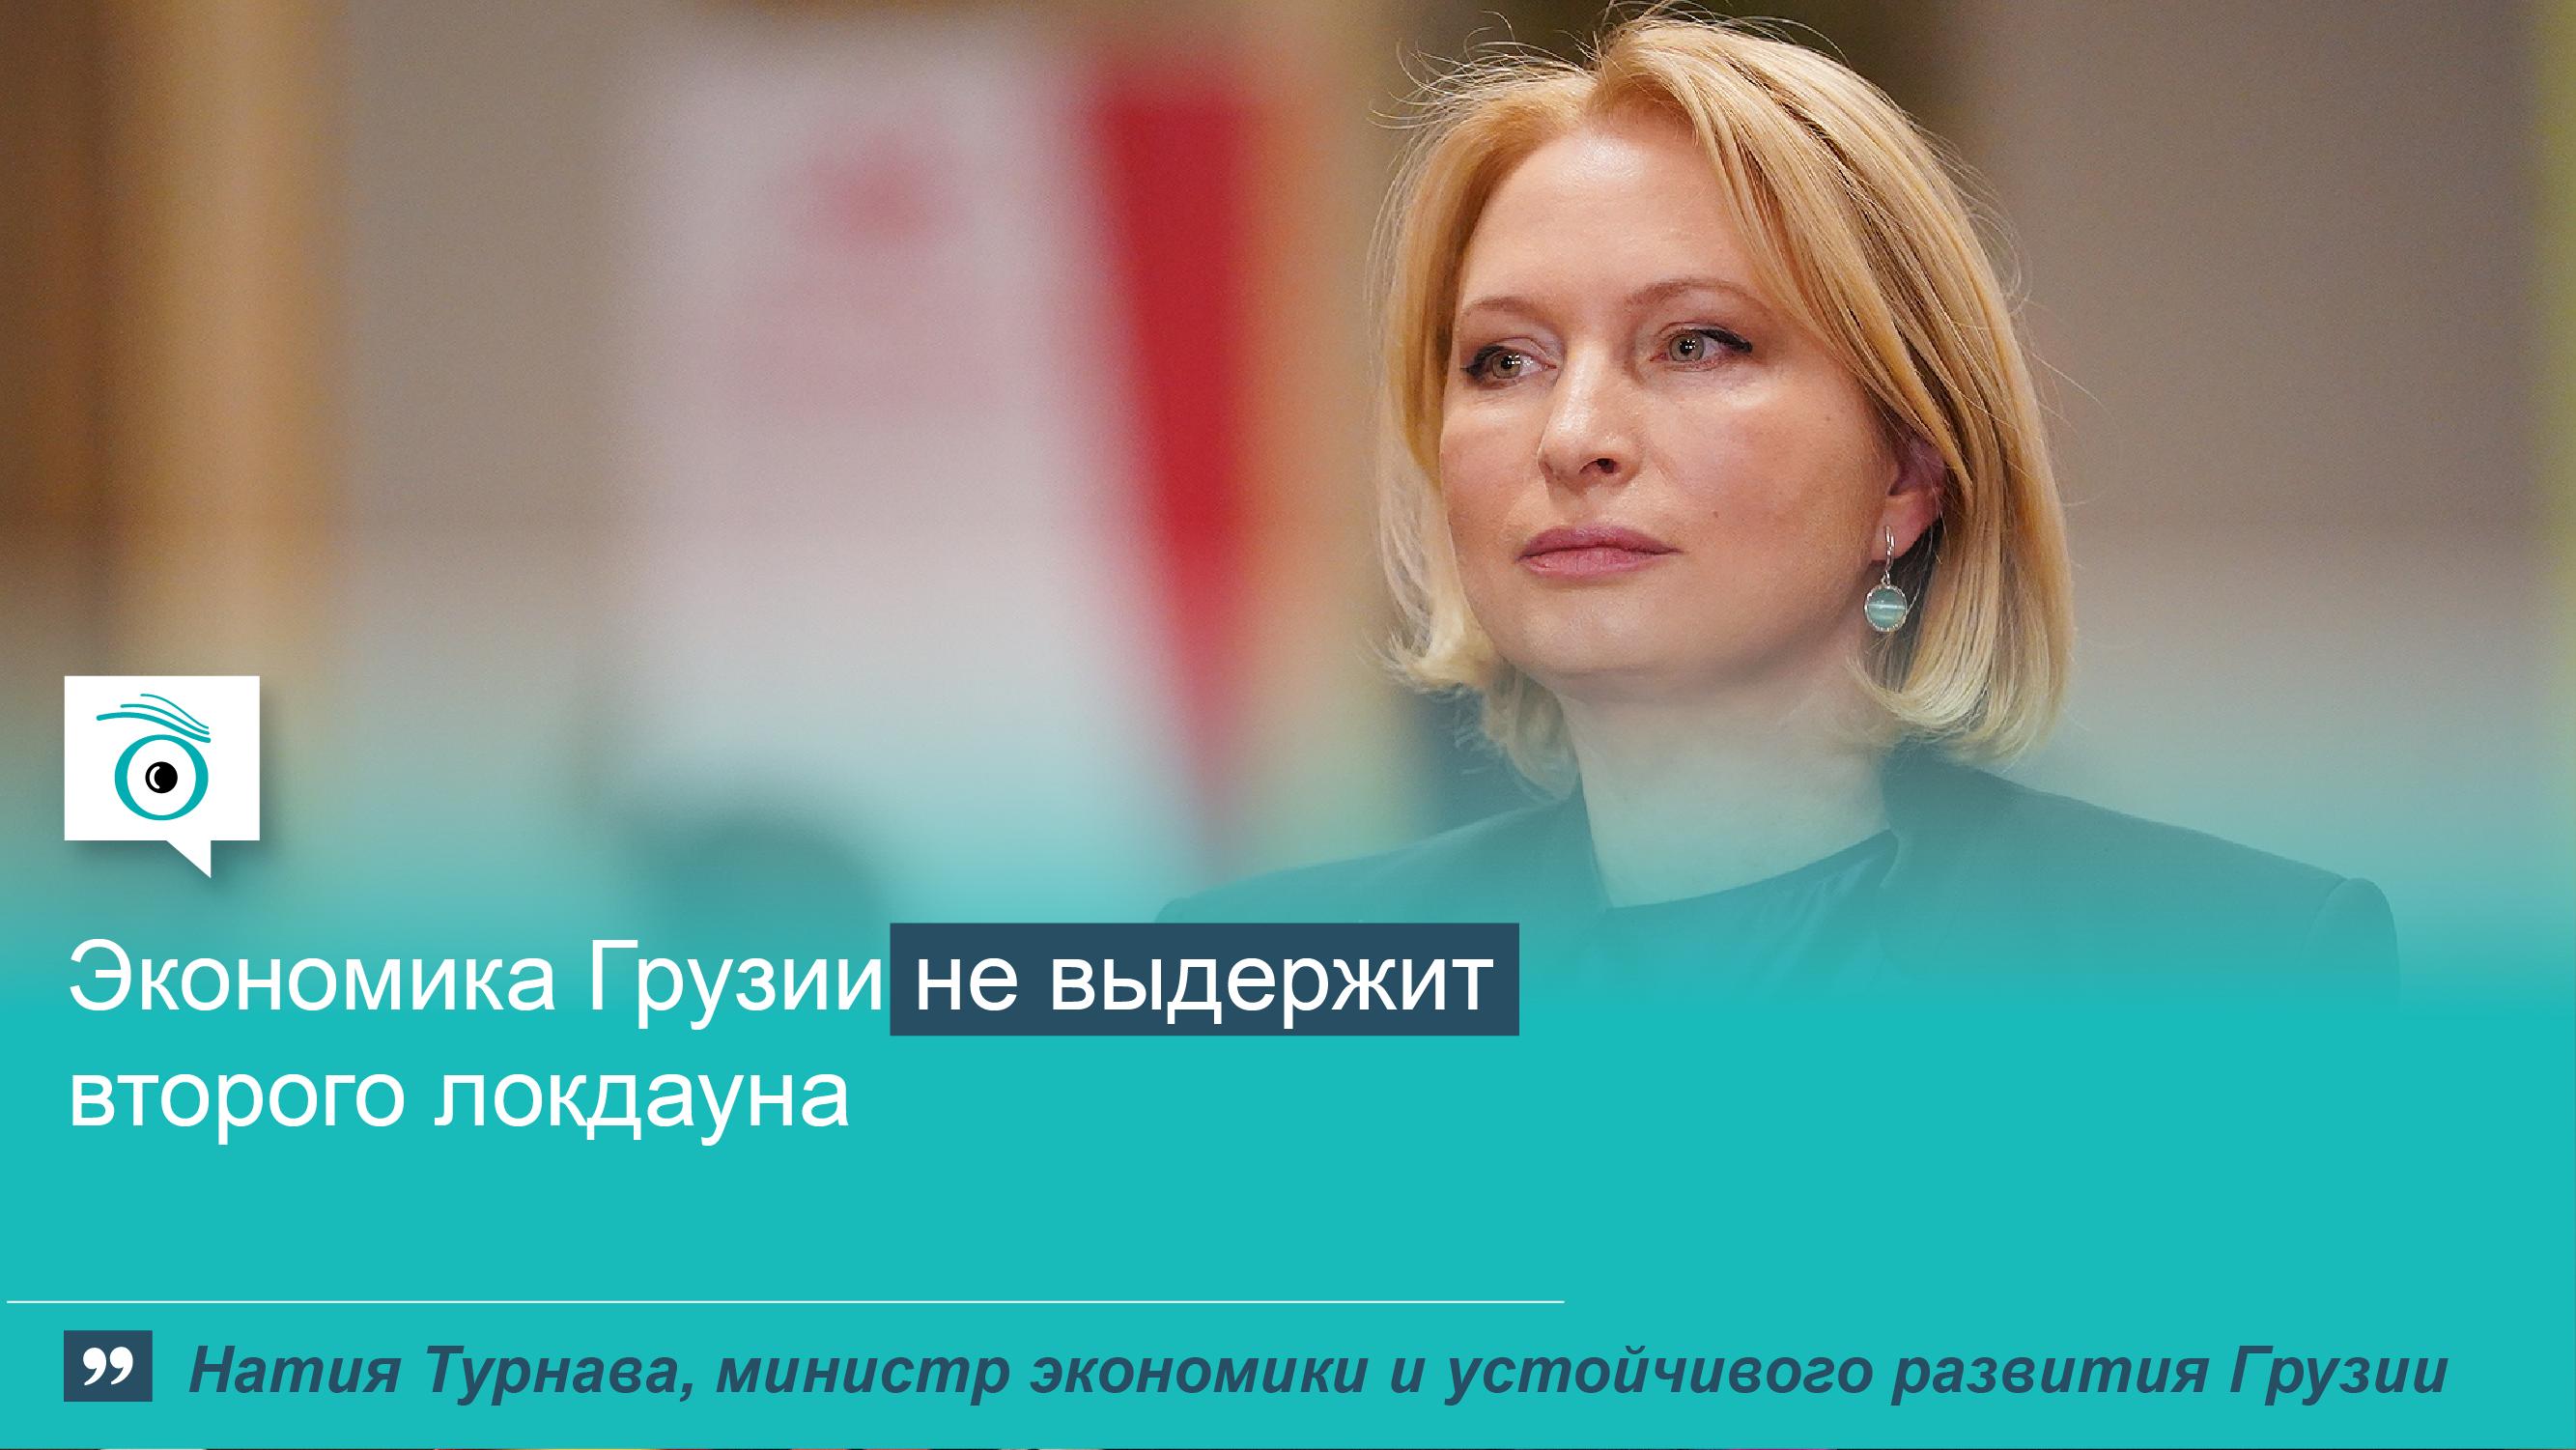 turnava 01 министр экономики и устойчивого развития Грузии министр экономики и устойчивого развития Грузии